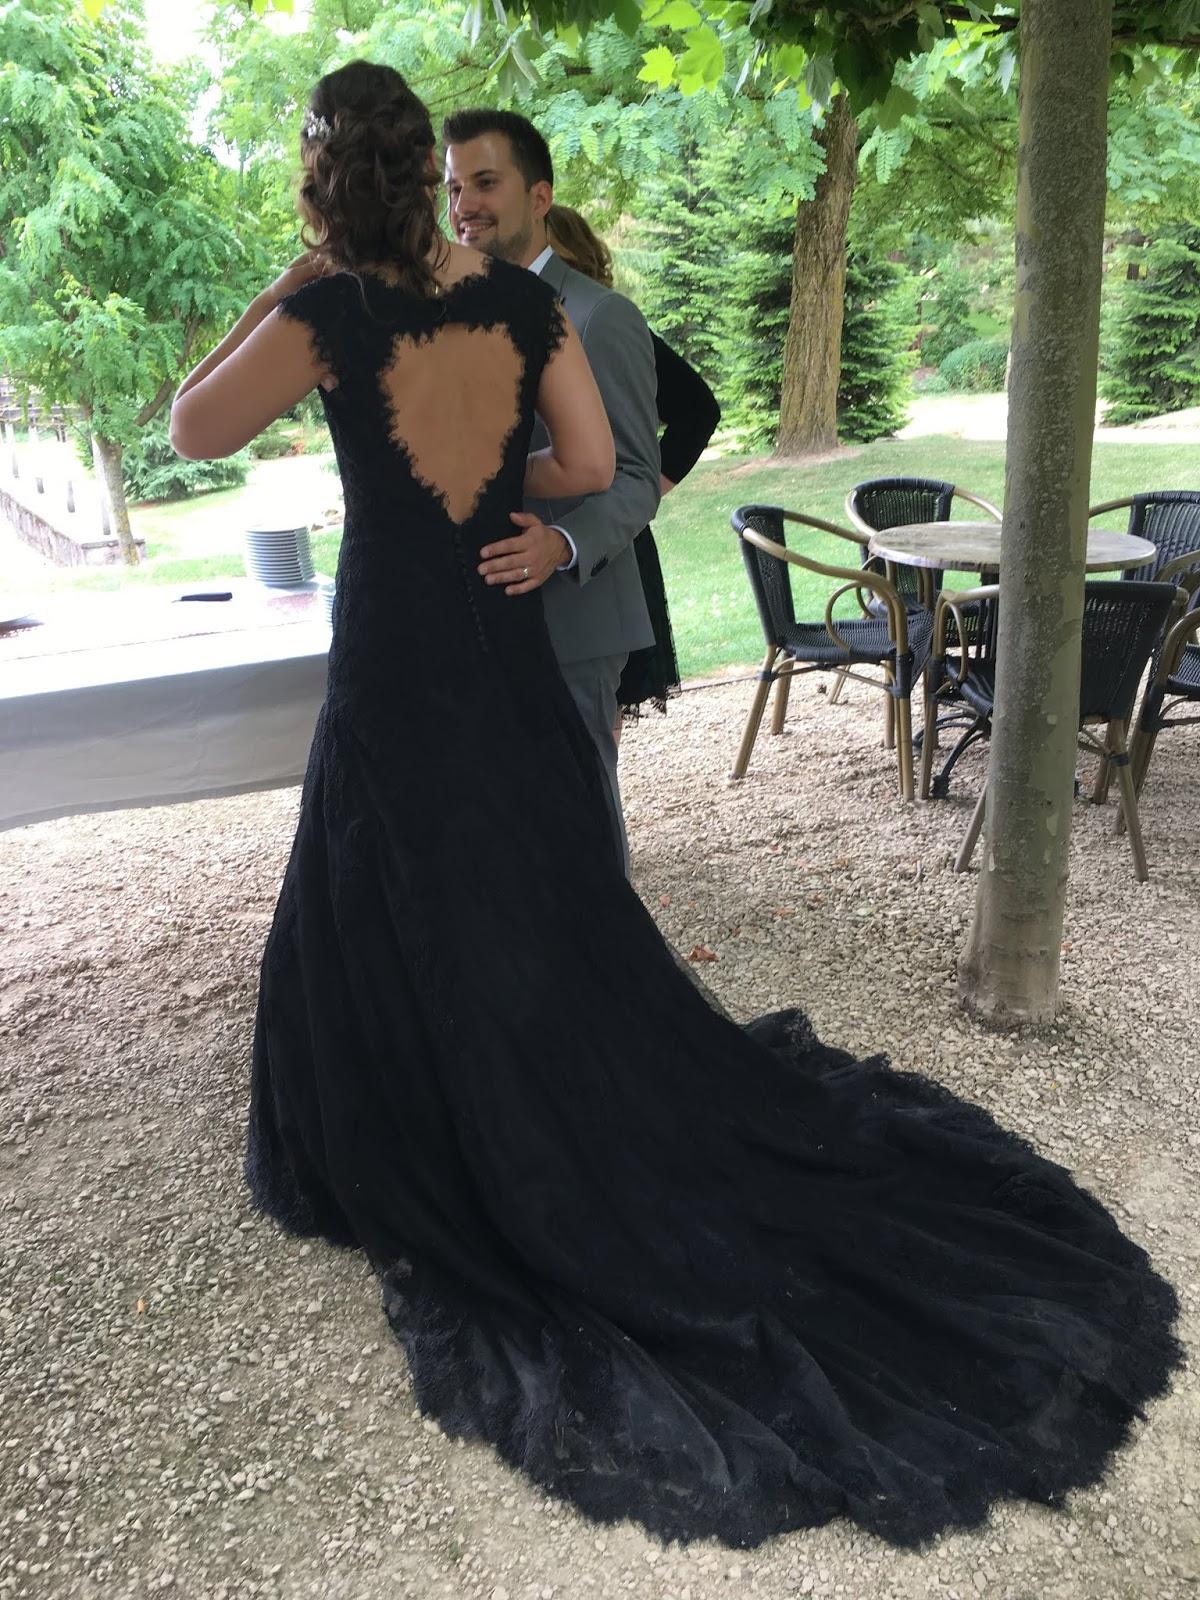 Zwarte Jurk Voor Bruiloft.Trouwen Leveranciers Deel 2 Van 3